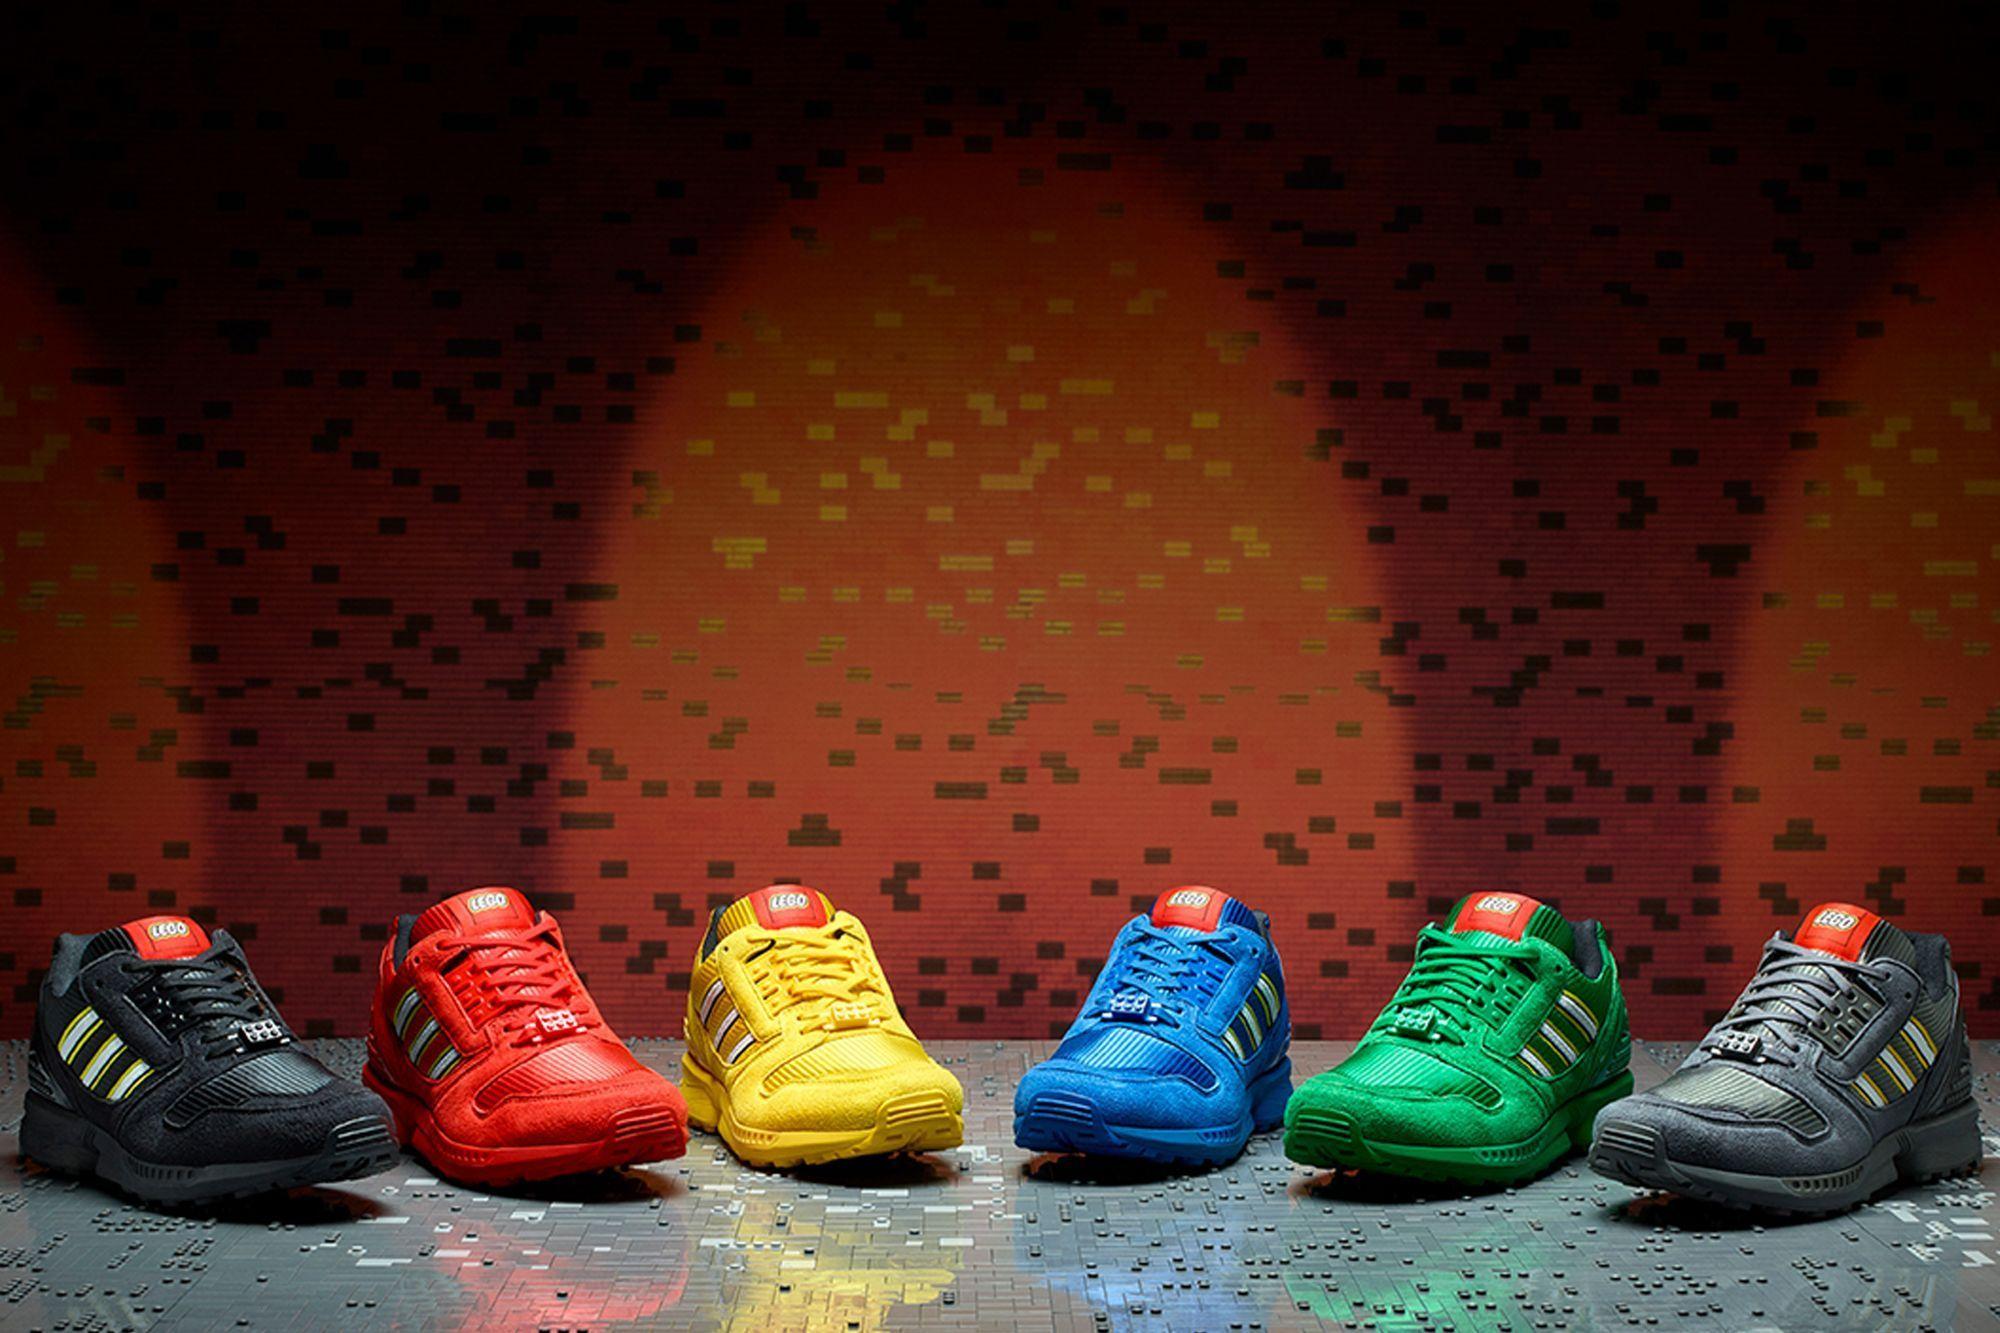 Adidas Originals ZX8000 x LEGO Dopo essersi incontrati per la prima volta durante la storica A-ZX, questa stagione adidas Originals e il LEGO Group presentano la collezione ZX 8000 Bricks.